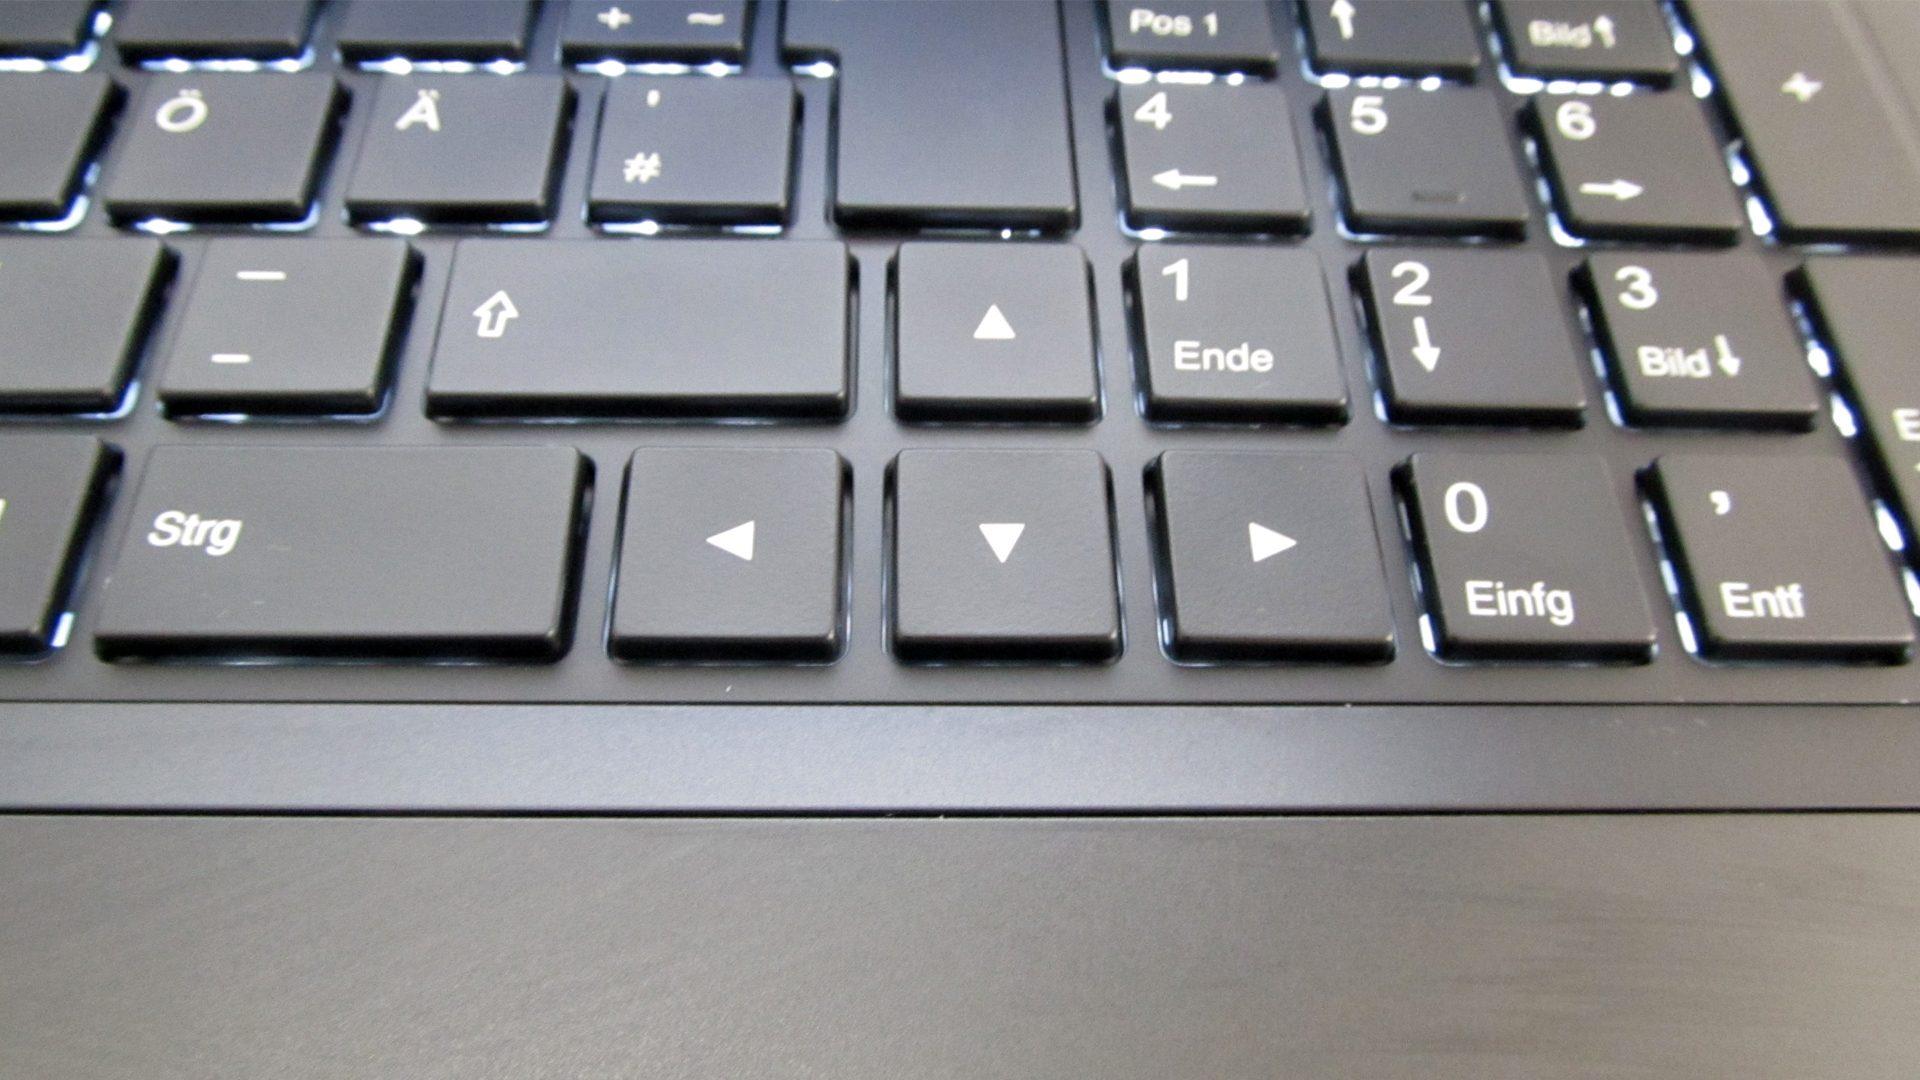 schenkerxmg_p507_tastatur_4